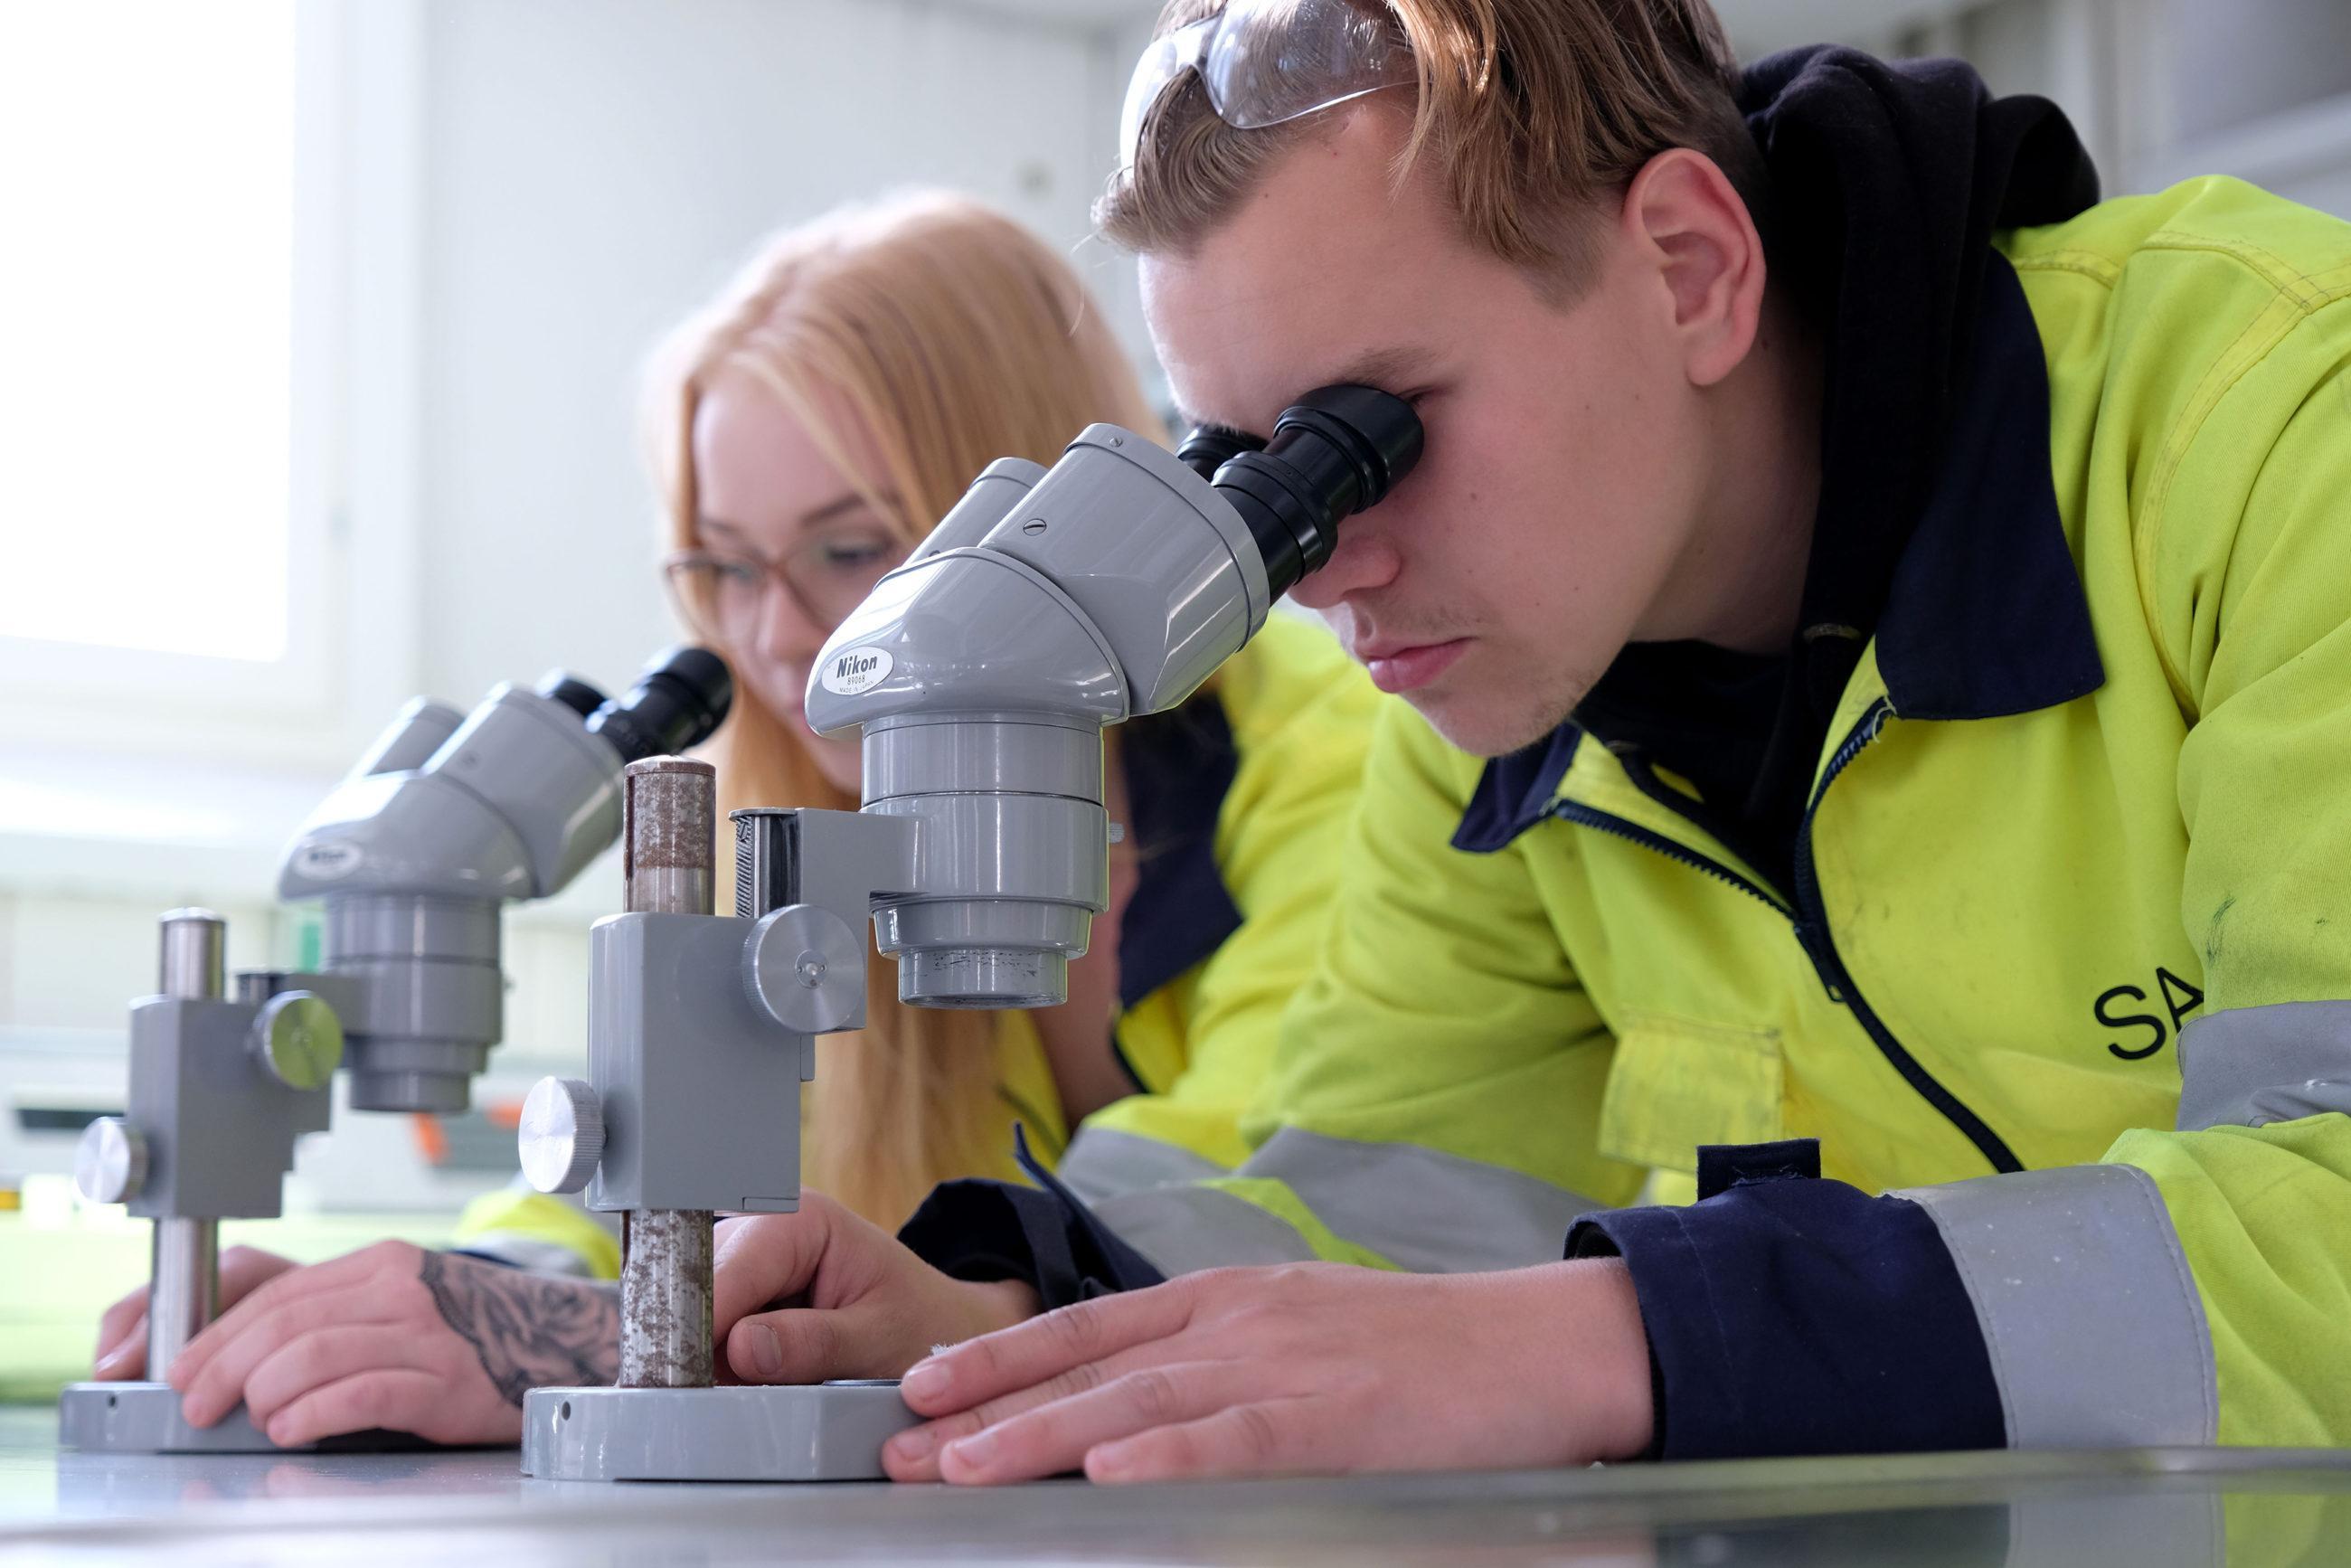 Kaksi henkilöä tutkii jotain mikroskoopeilla, kummallakin yllään kelta-mustat työvaatteet.